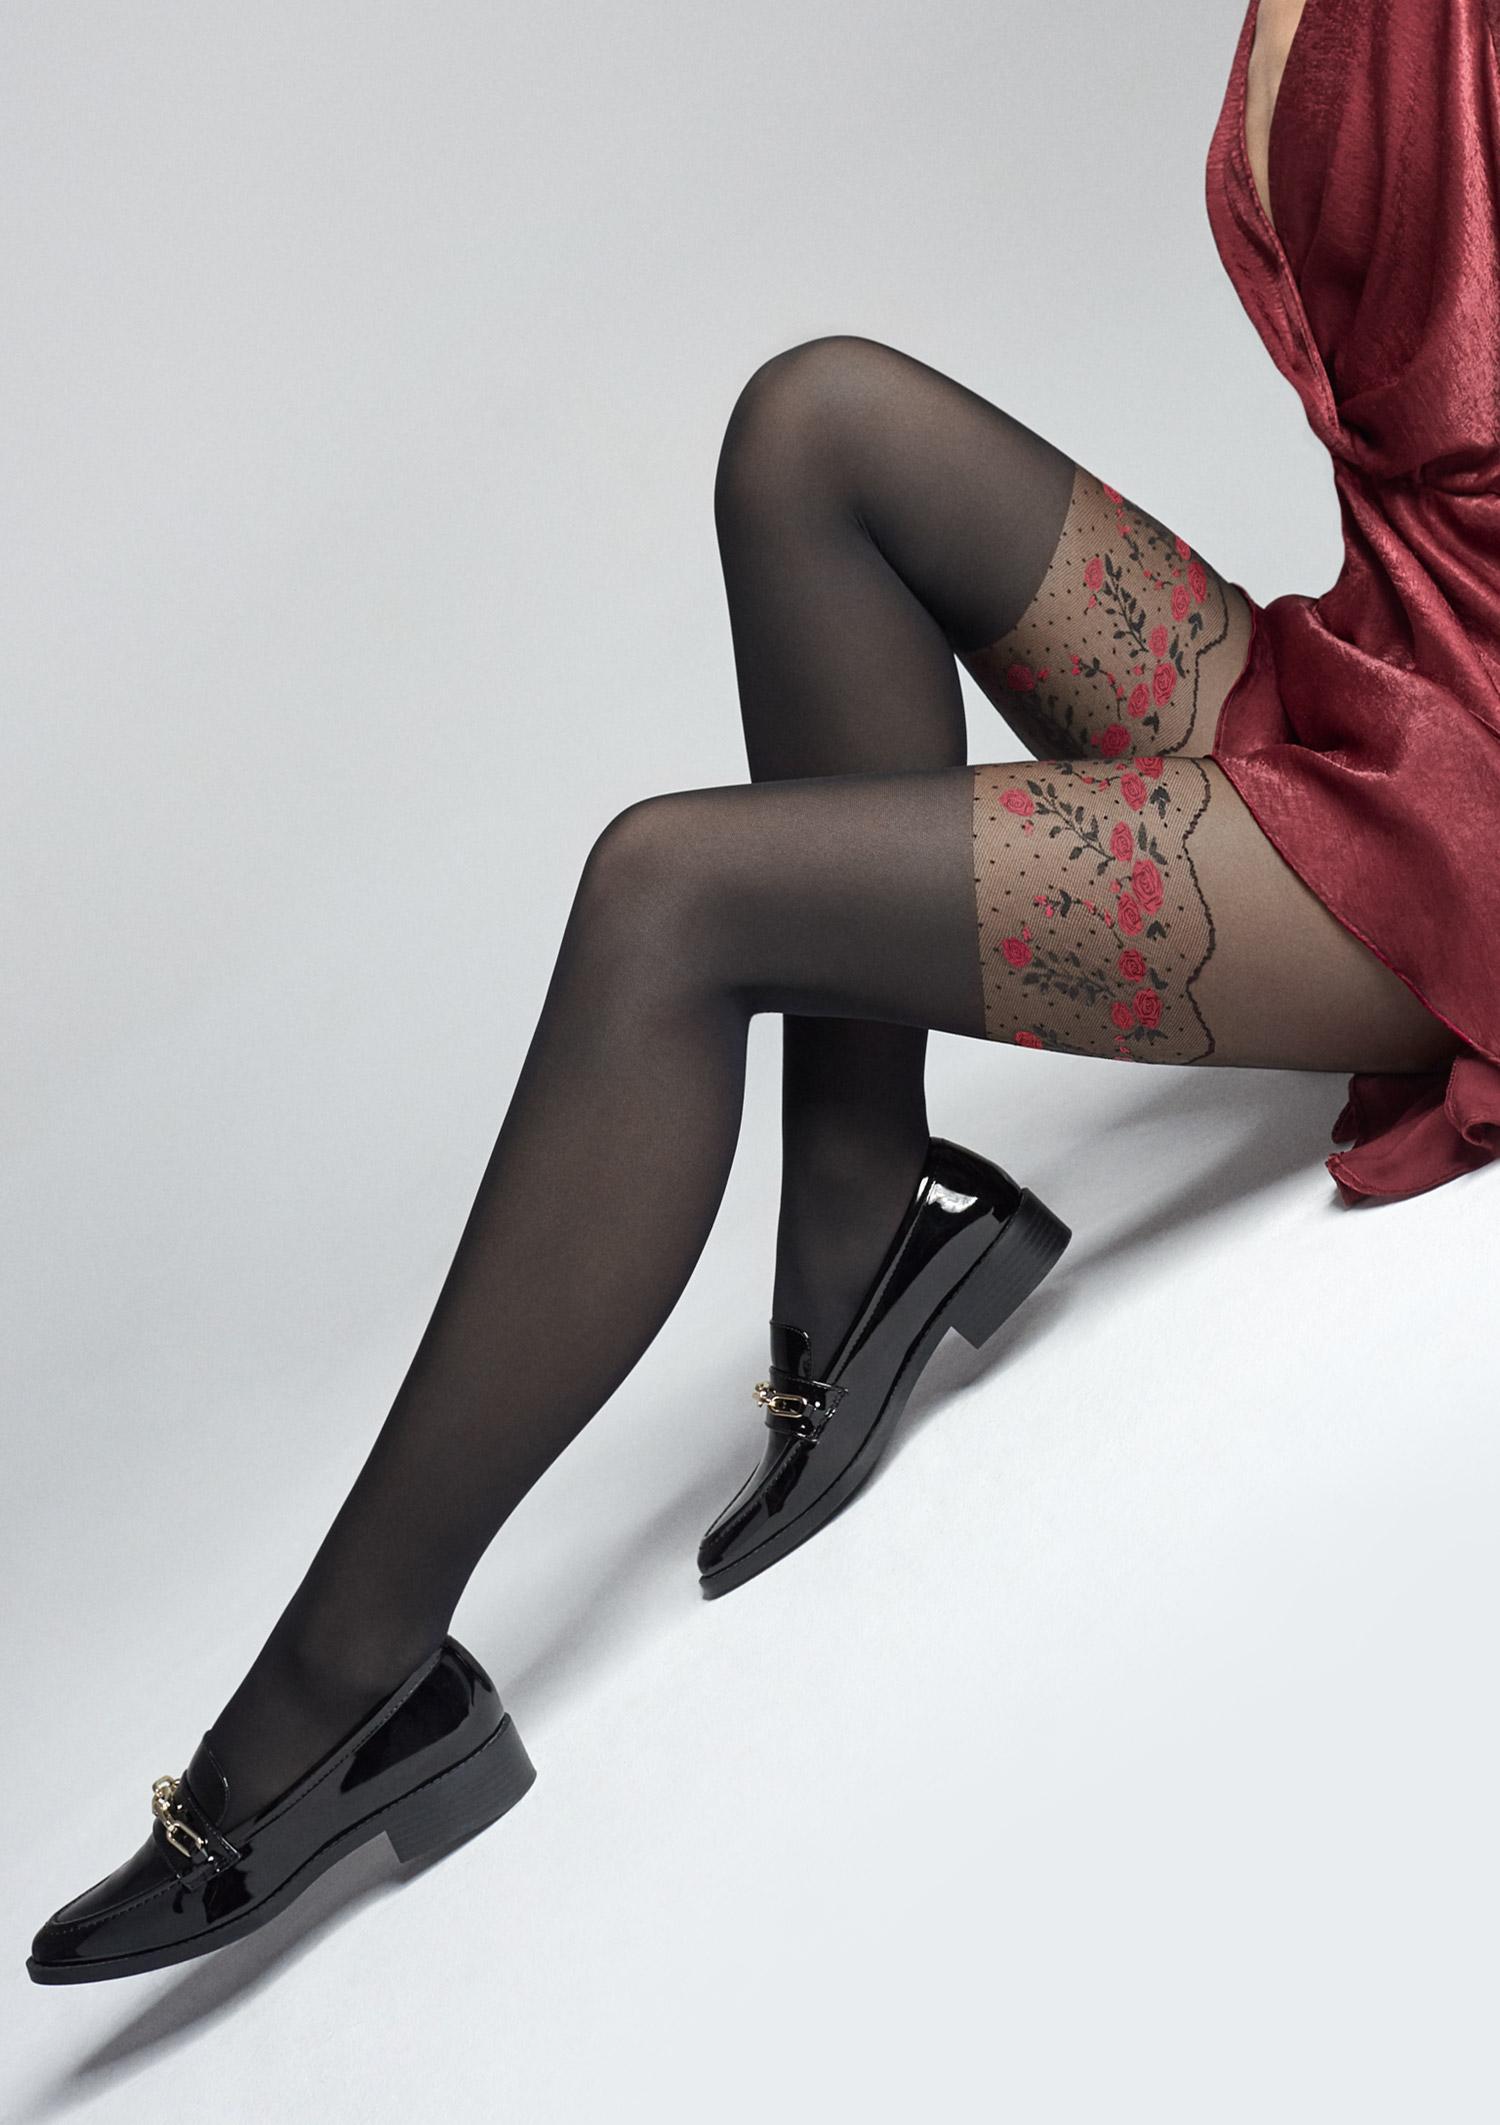 https://golden-legs.com.ua/images/stories/virtuemart/product/rajstopy-imitujace-ponczochy-z-kwiatowym-wzorem-zazu-s10_4.jpg